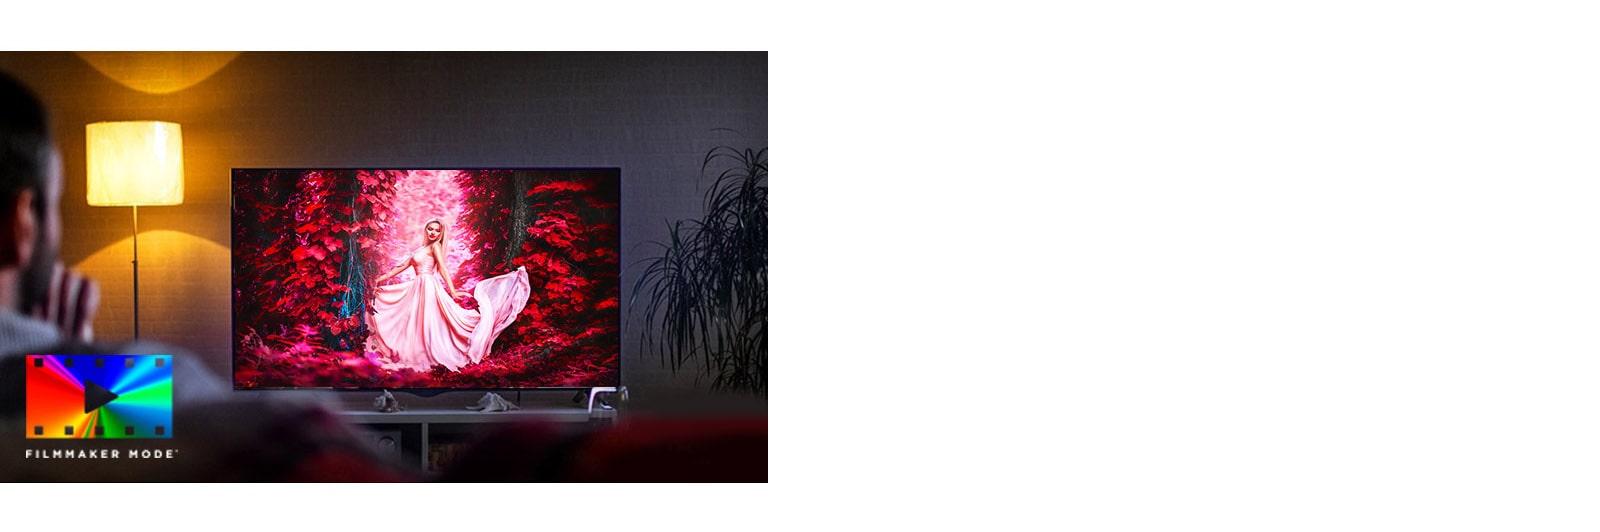 Mężczyzna siedzący na sofie w salonie z telewizorem, na ekranie którego odtwarzany jest kolorowy film